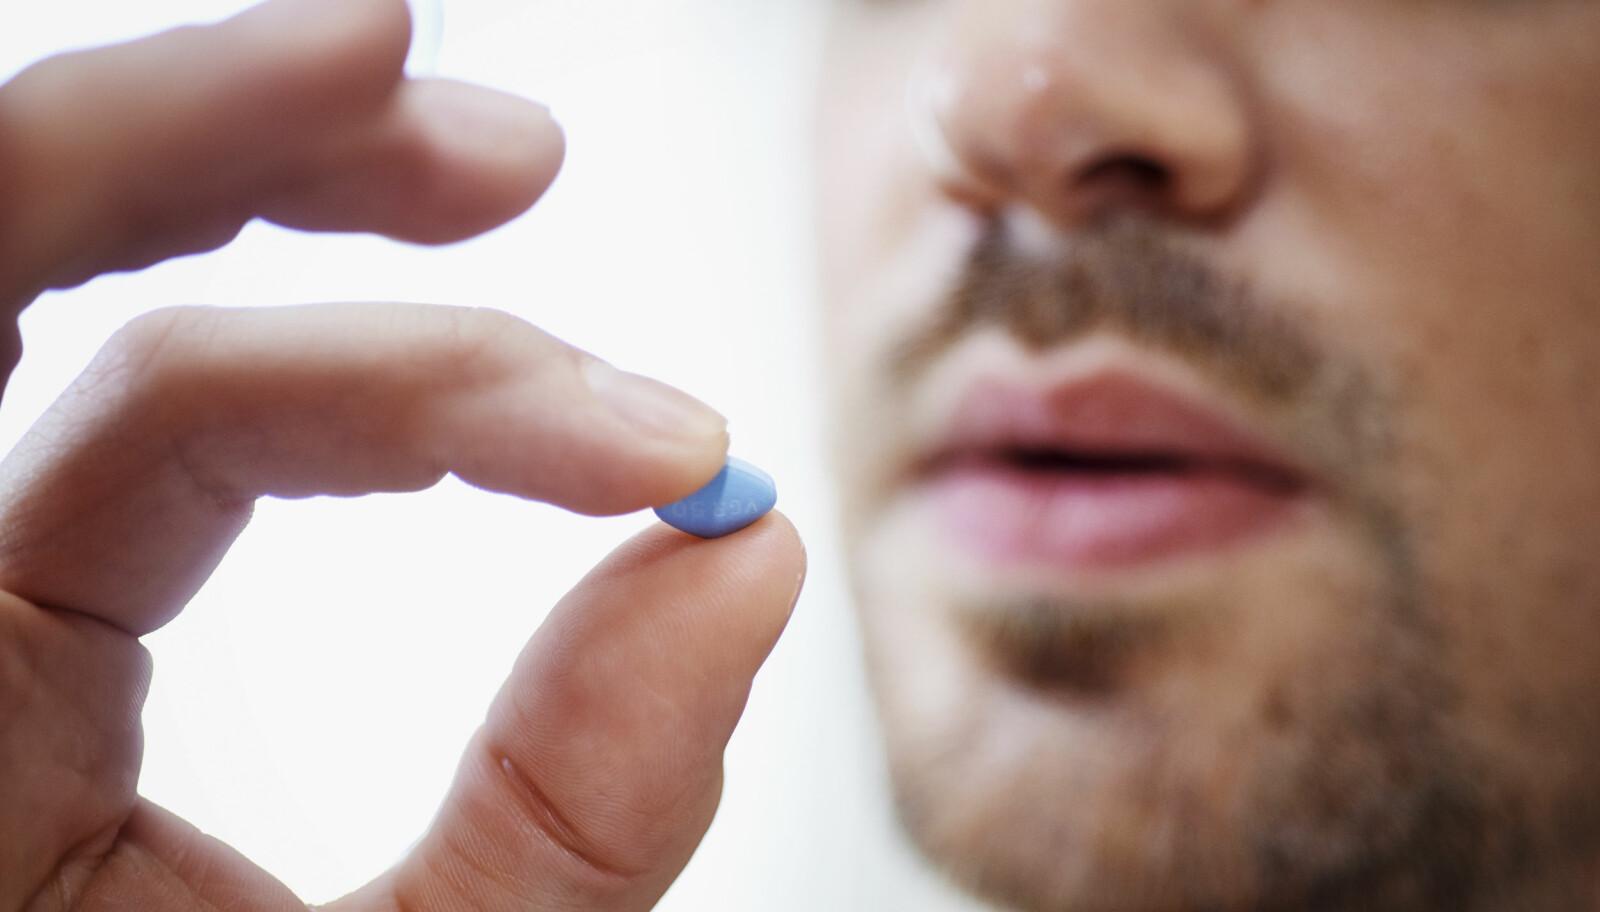 <b>SLIK VIRKER VIAGRA: </b>Lyst er en viktig faktor om Viagra Reseptfri skal virke.Fra nyttår kan Viagra Reseptfri kjøpes på Apotek uten resept fra lege.